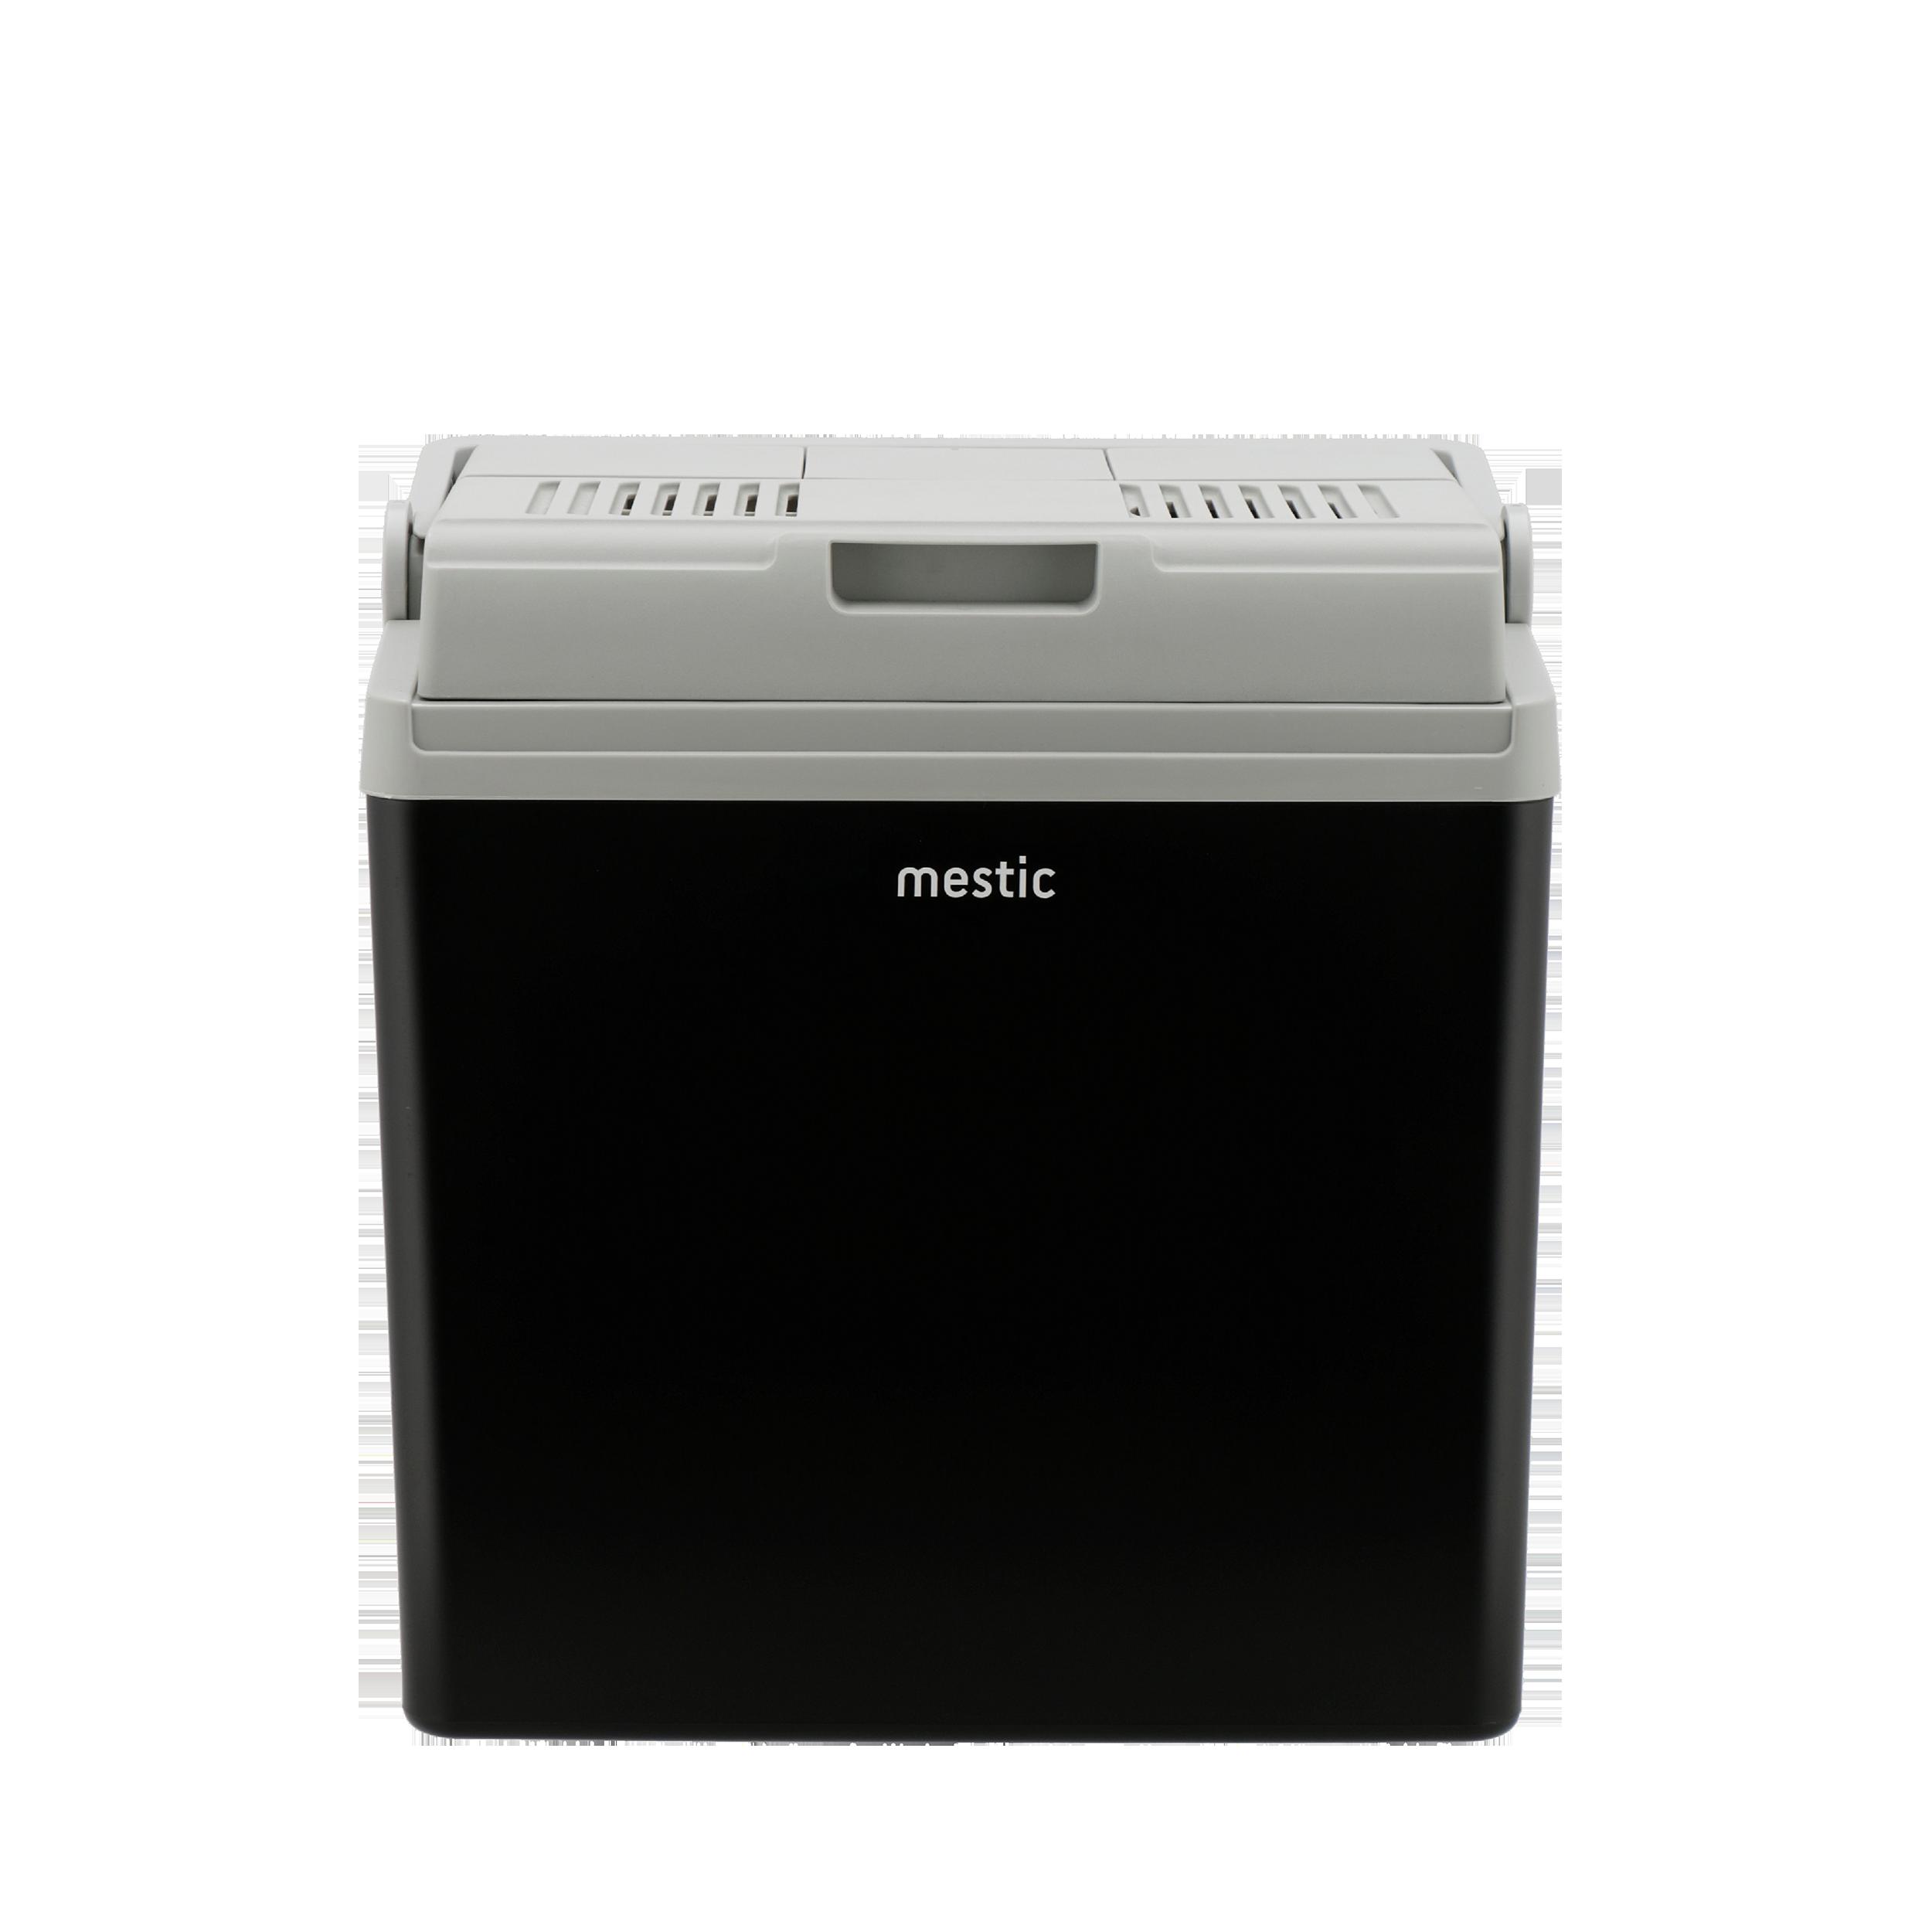 Mestic Mtec-25